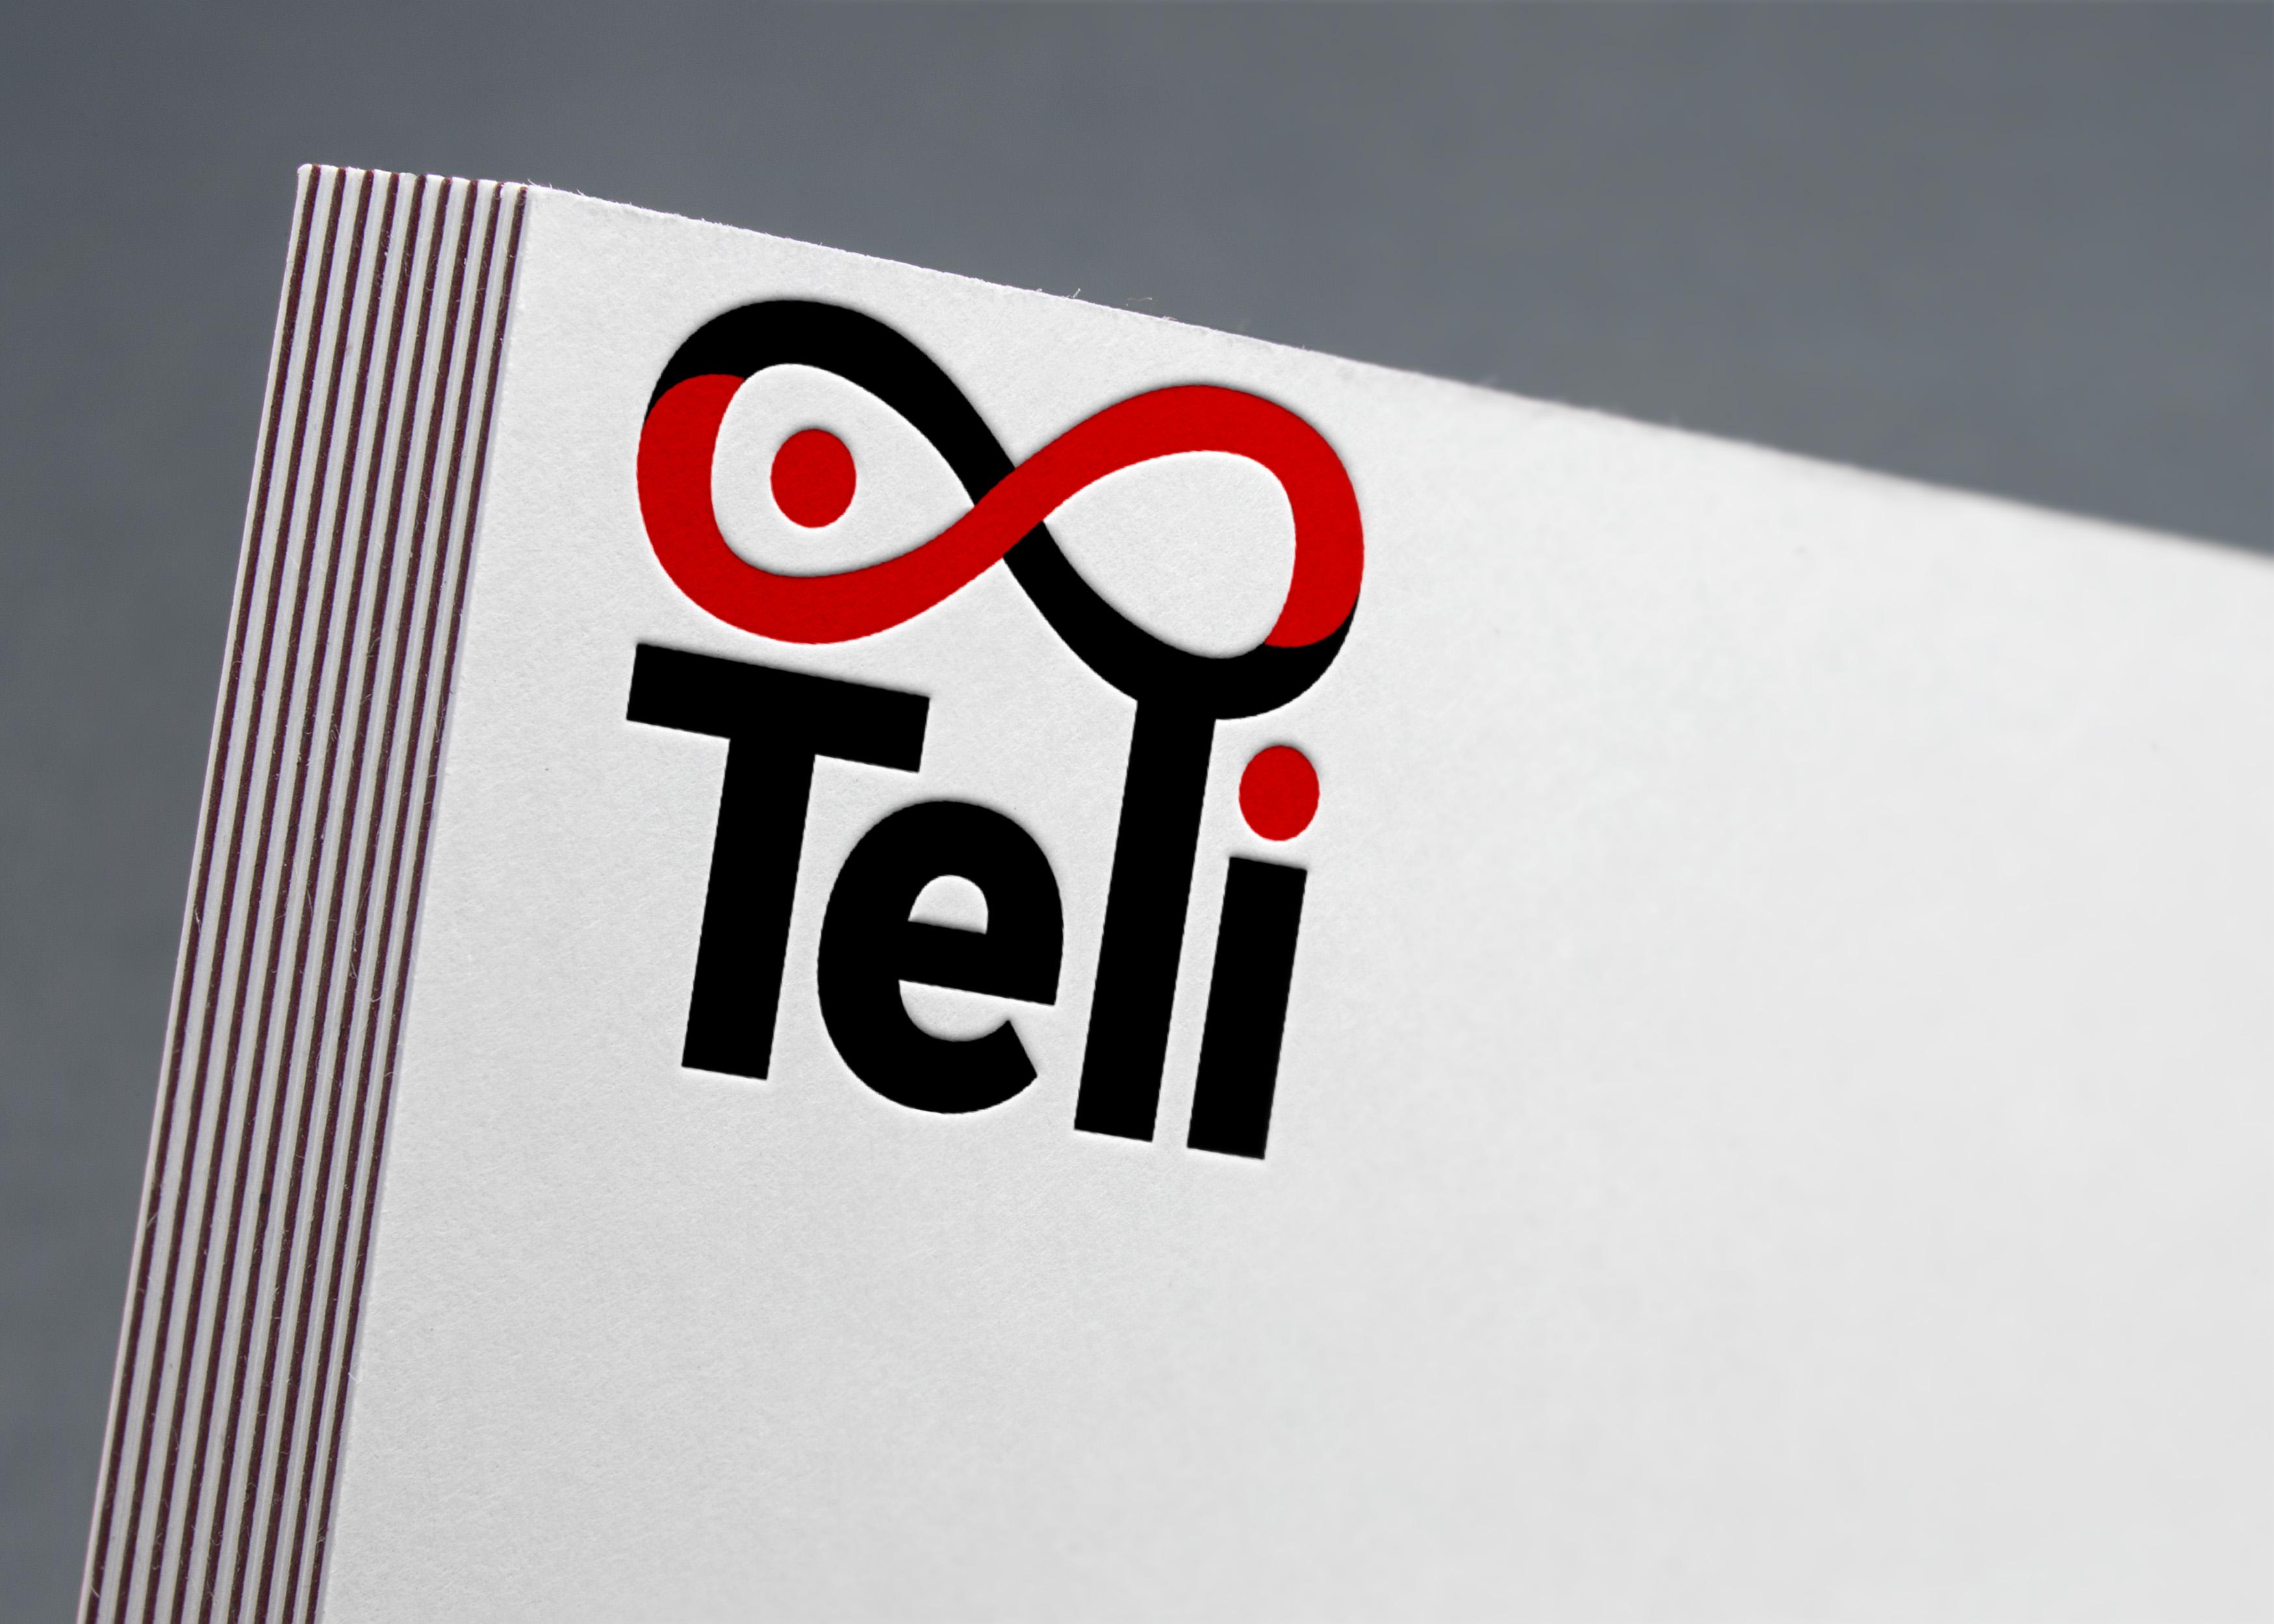 Разработка логотипа и фирменного стиля фото f_07058f9e57325713.jpg